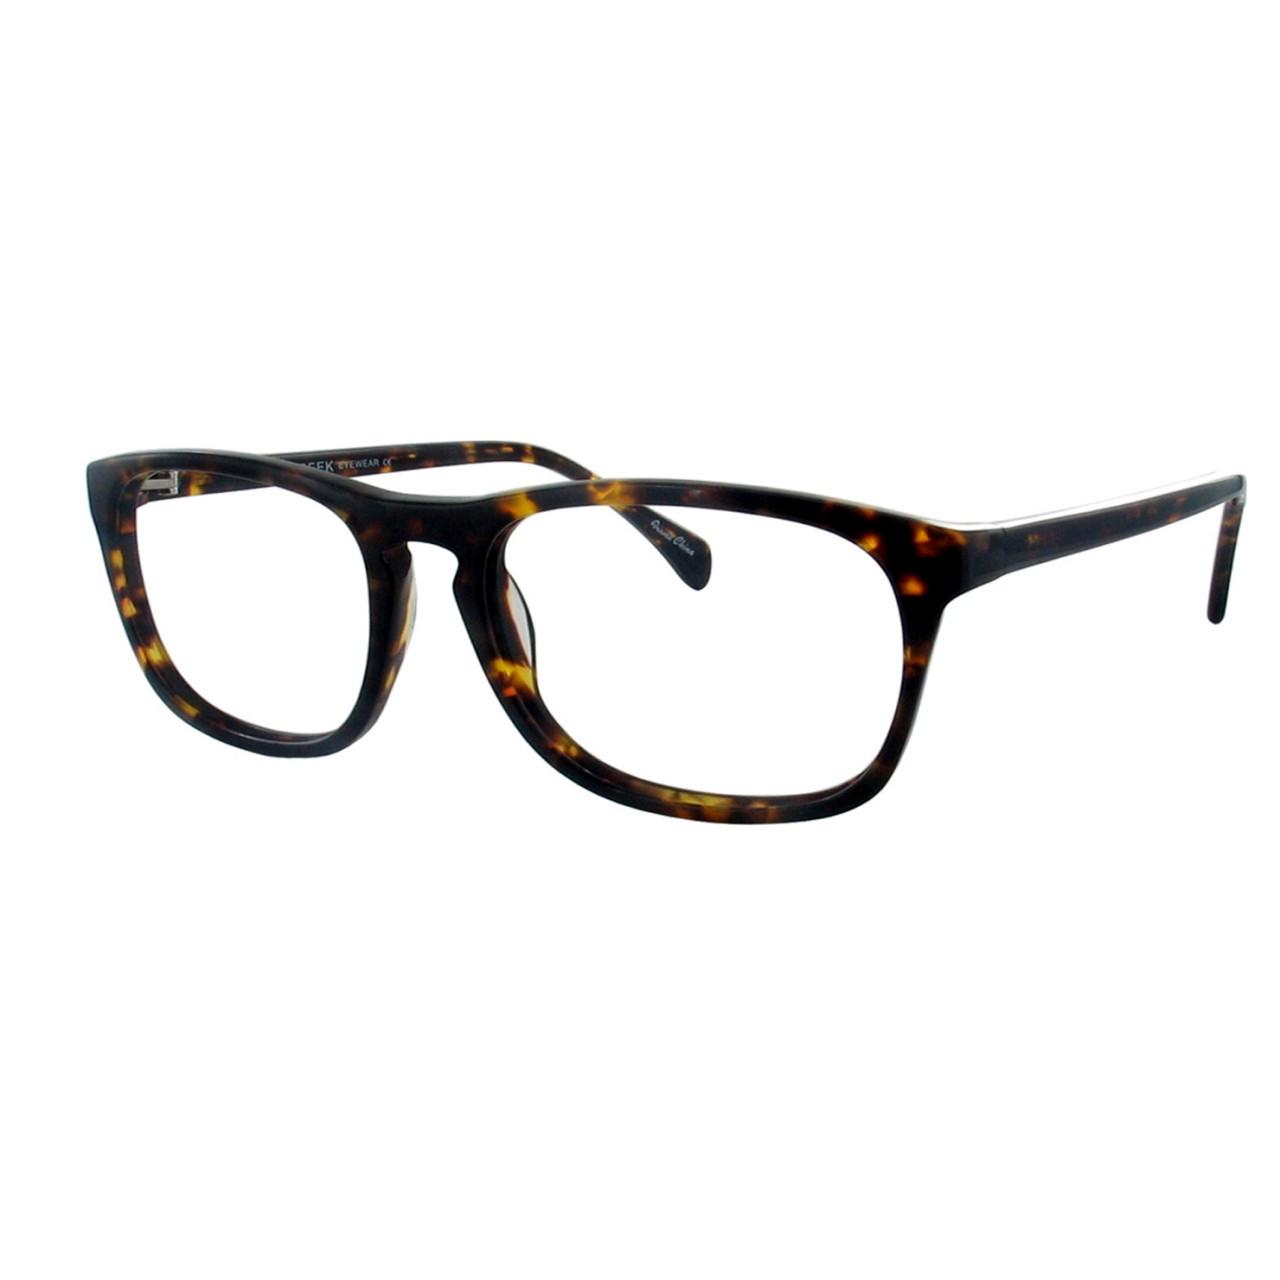 Geek Eyewear Geek 116 Tortoise